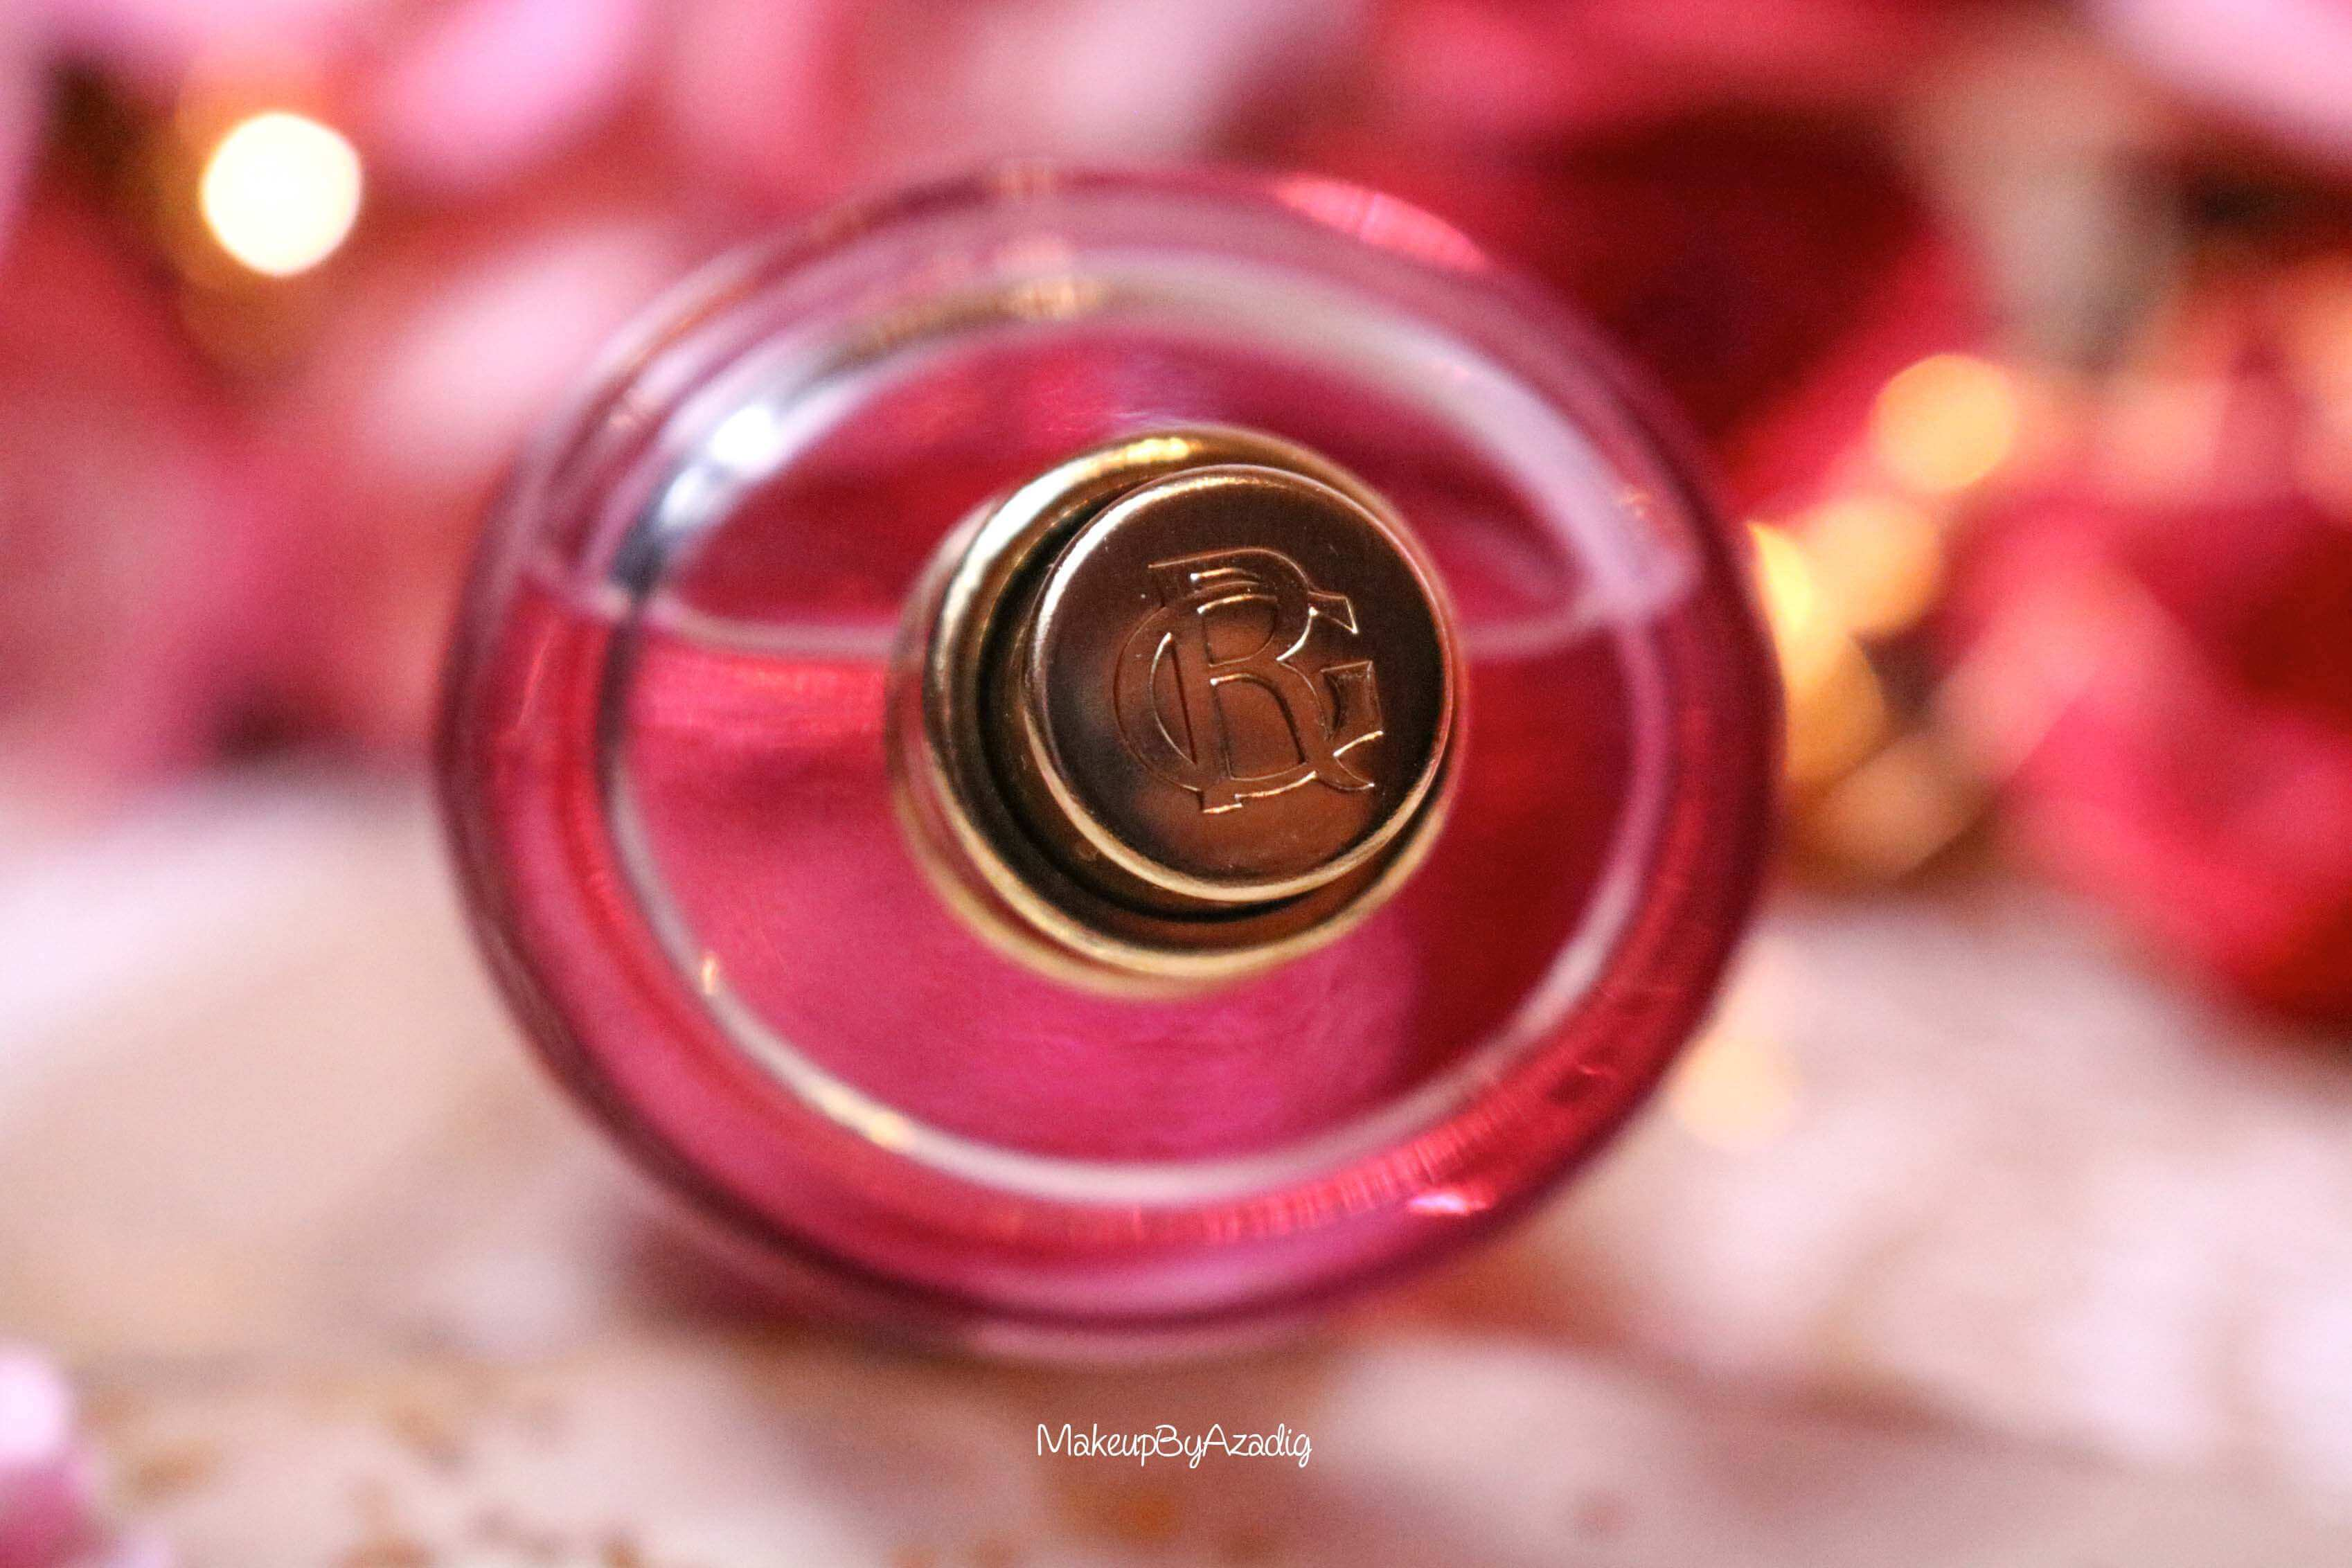 revue-eau-parfumee-bienfaisante-rose-imaginaire-roger-gallet-makeupbyazadig-parfum-bonne-tenue-avis-prix-monoprix-rogeretgallet